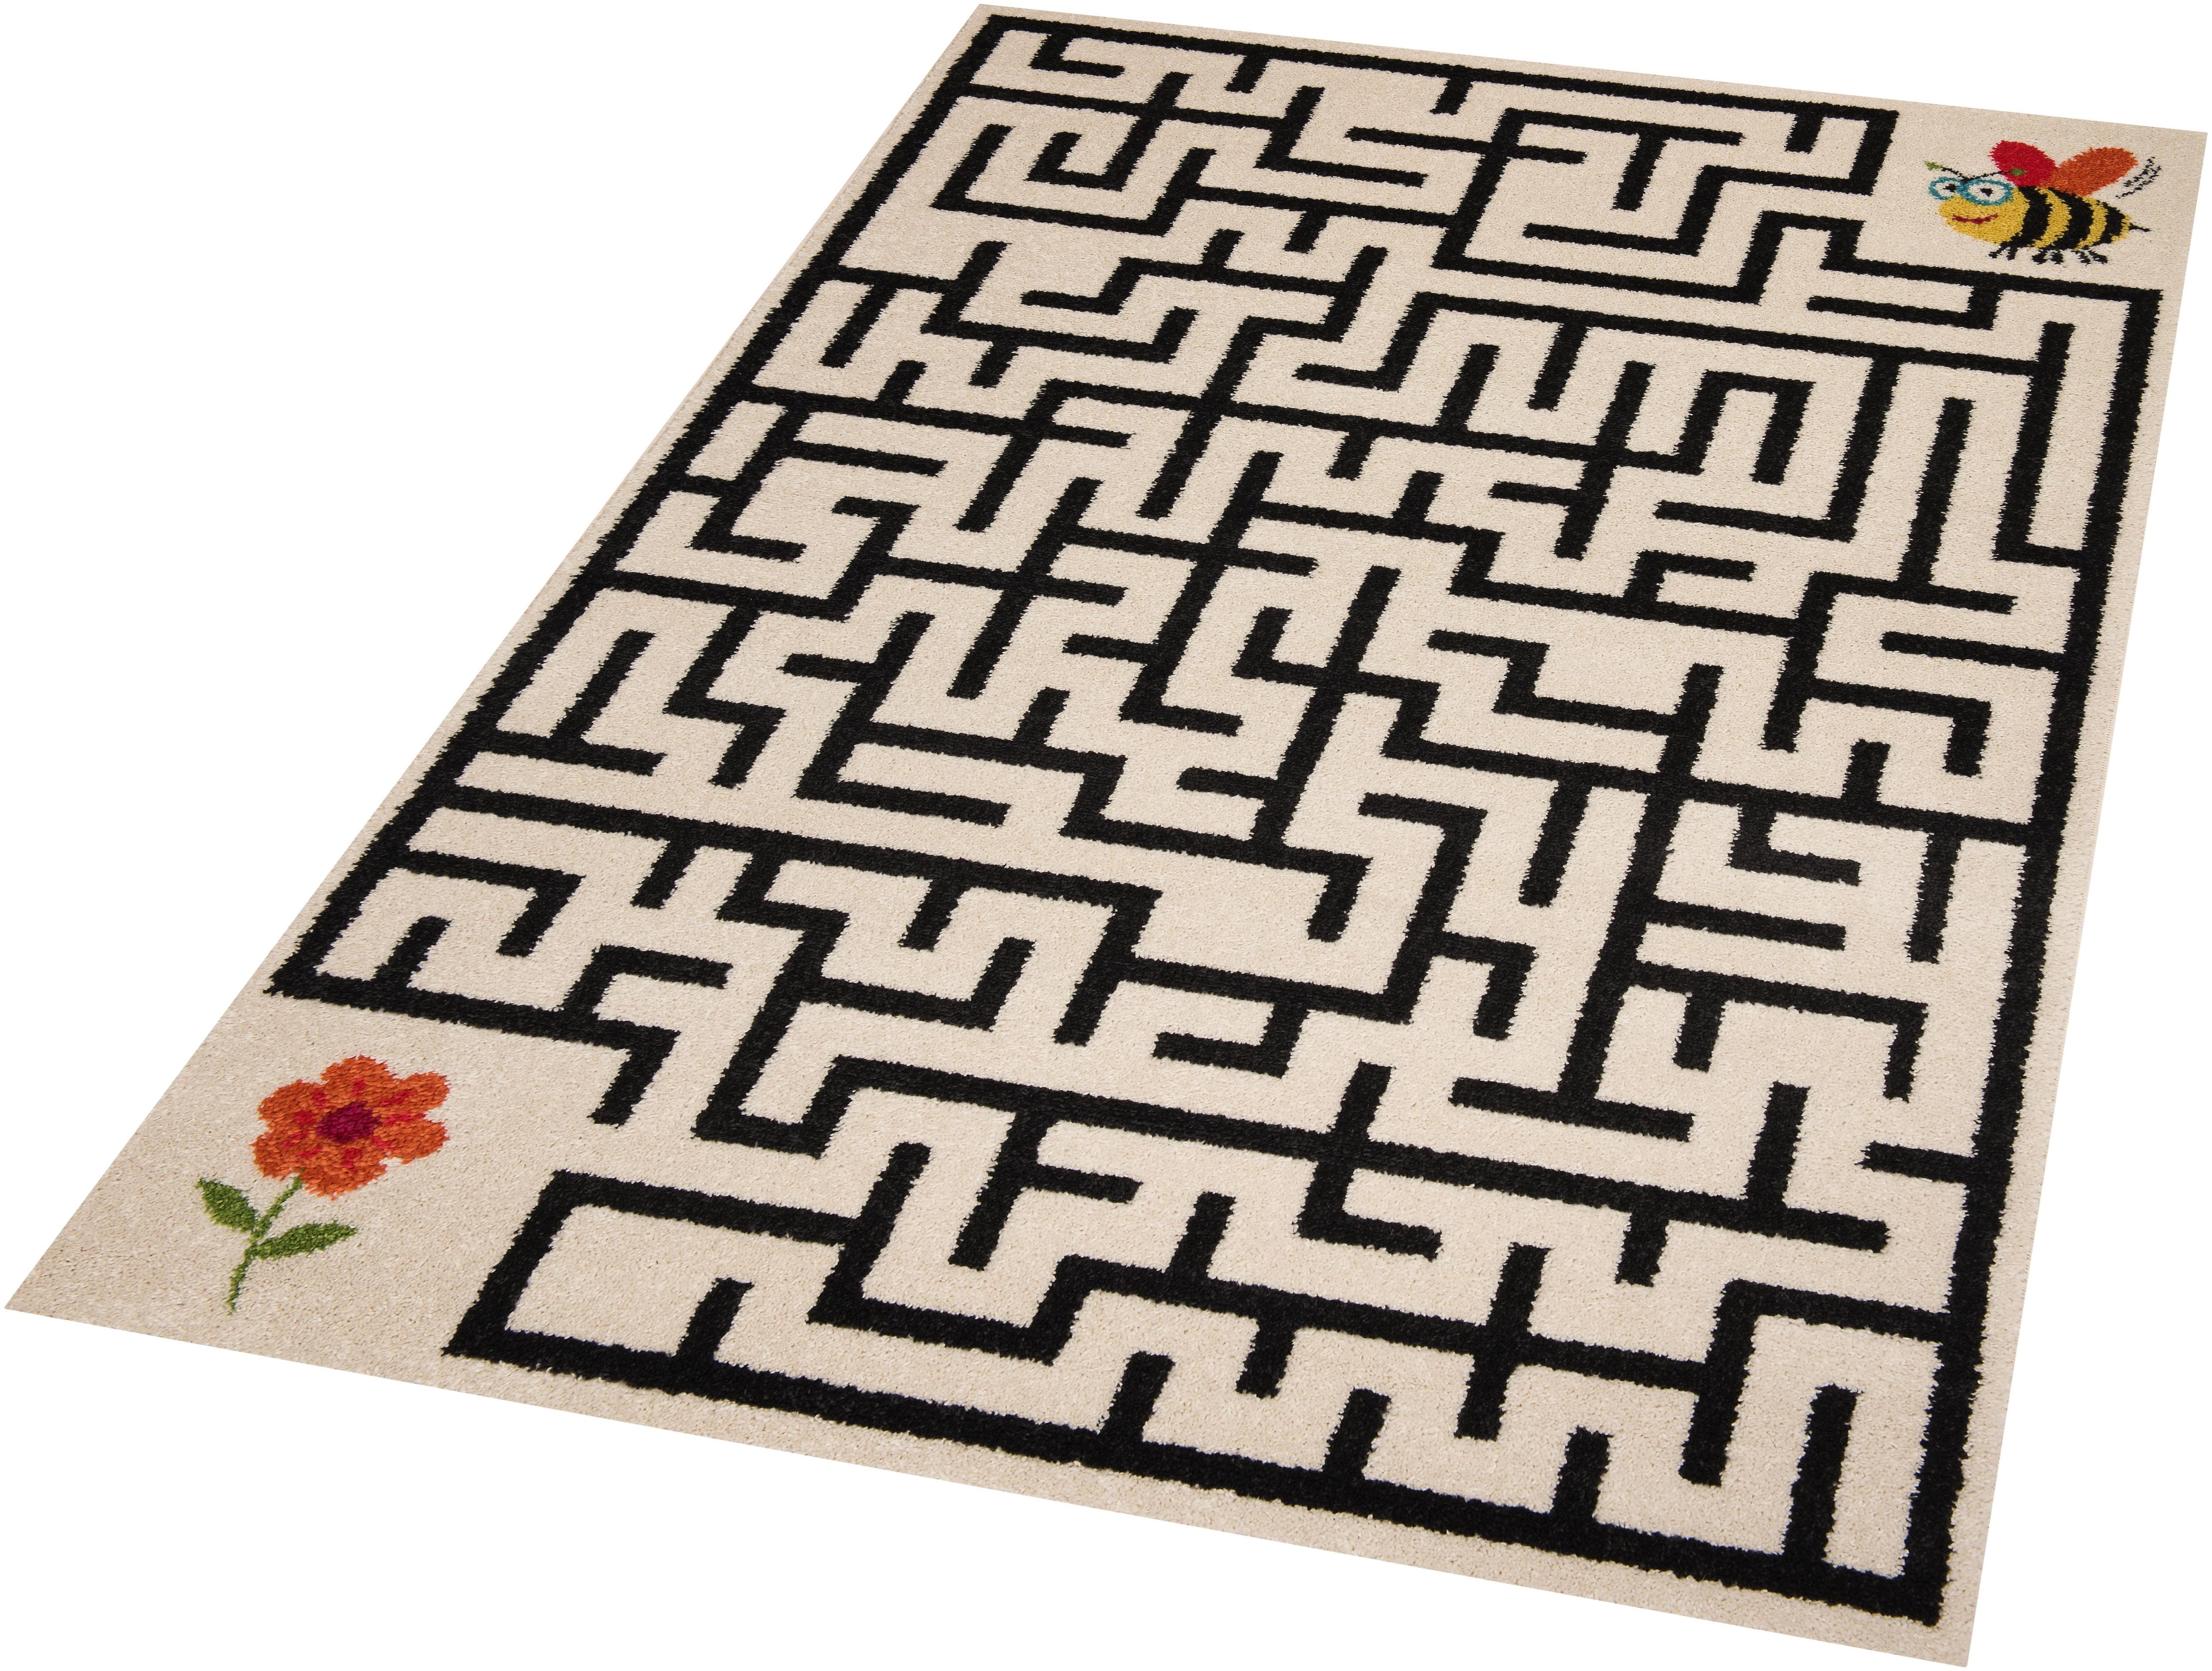 Kinderteppich Labyrinth Zala Living rechteckig Höhe 9 mm maschinell gewebt